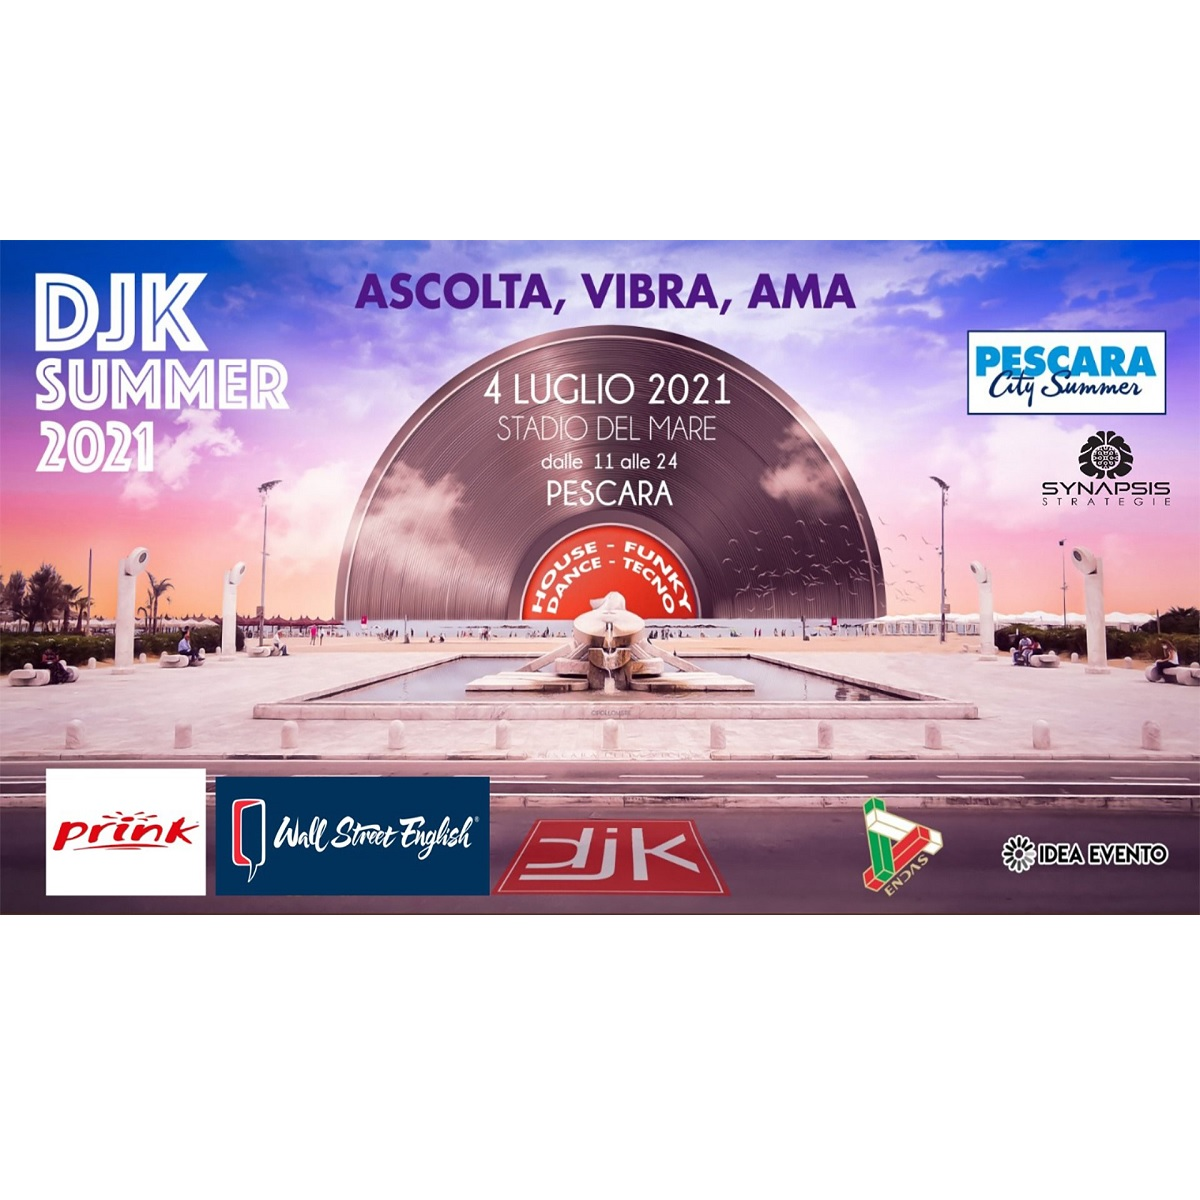 DJK Summer 2021 al Pescara City Summer 4 luglio 2021 foto